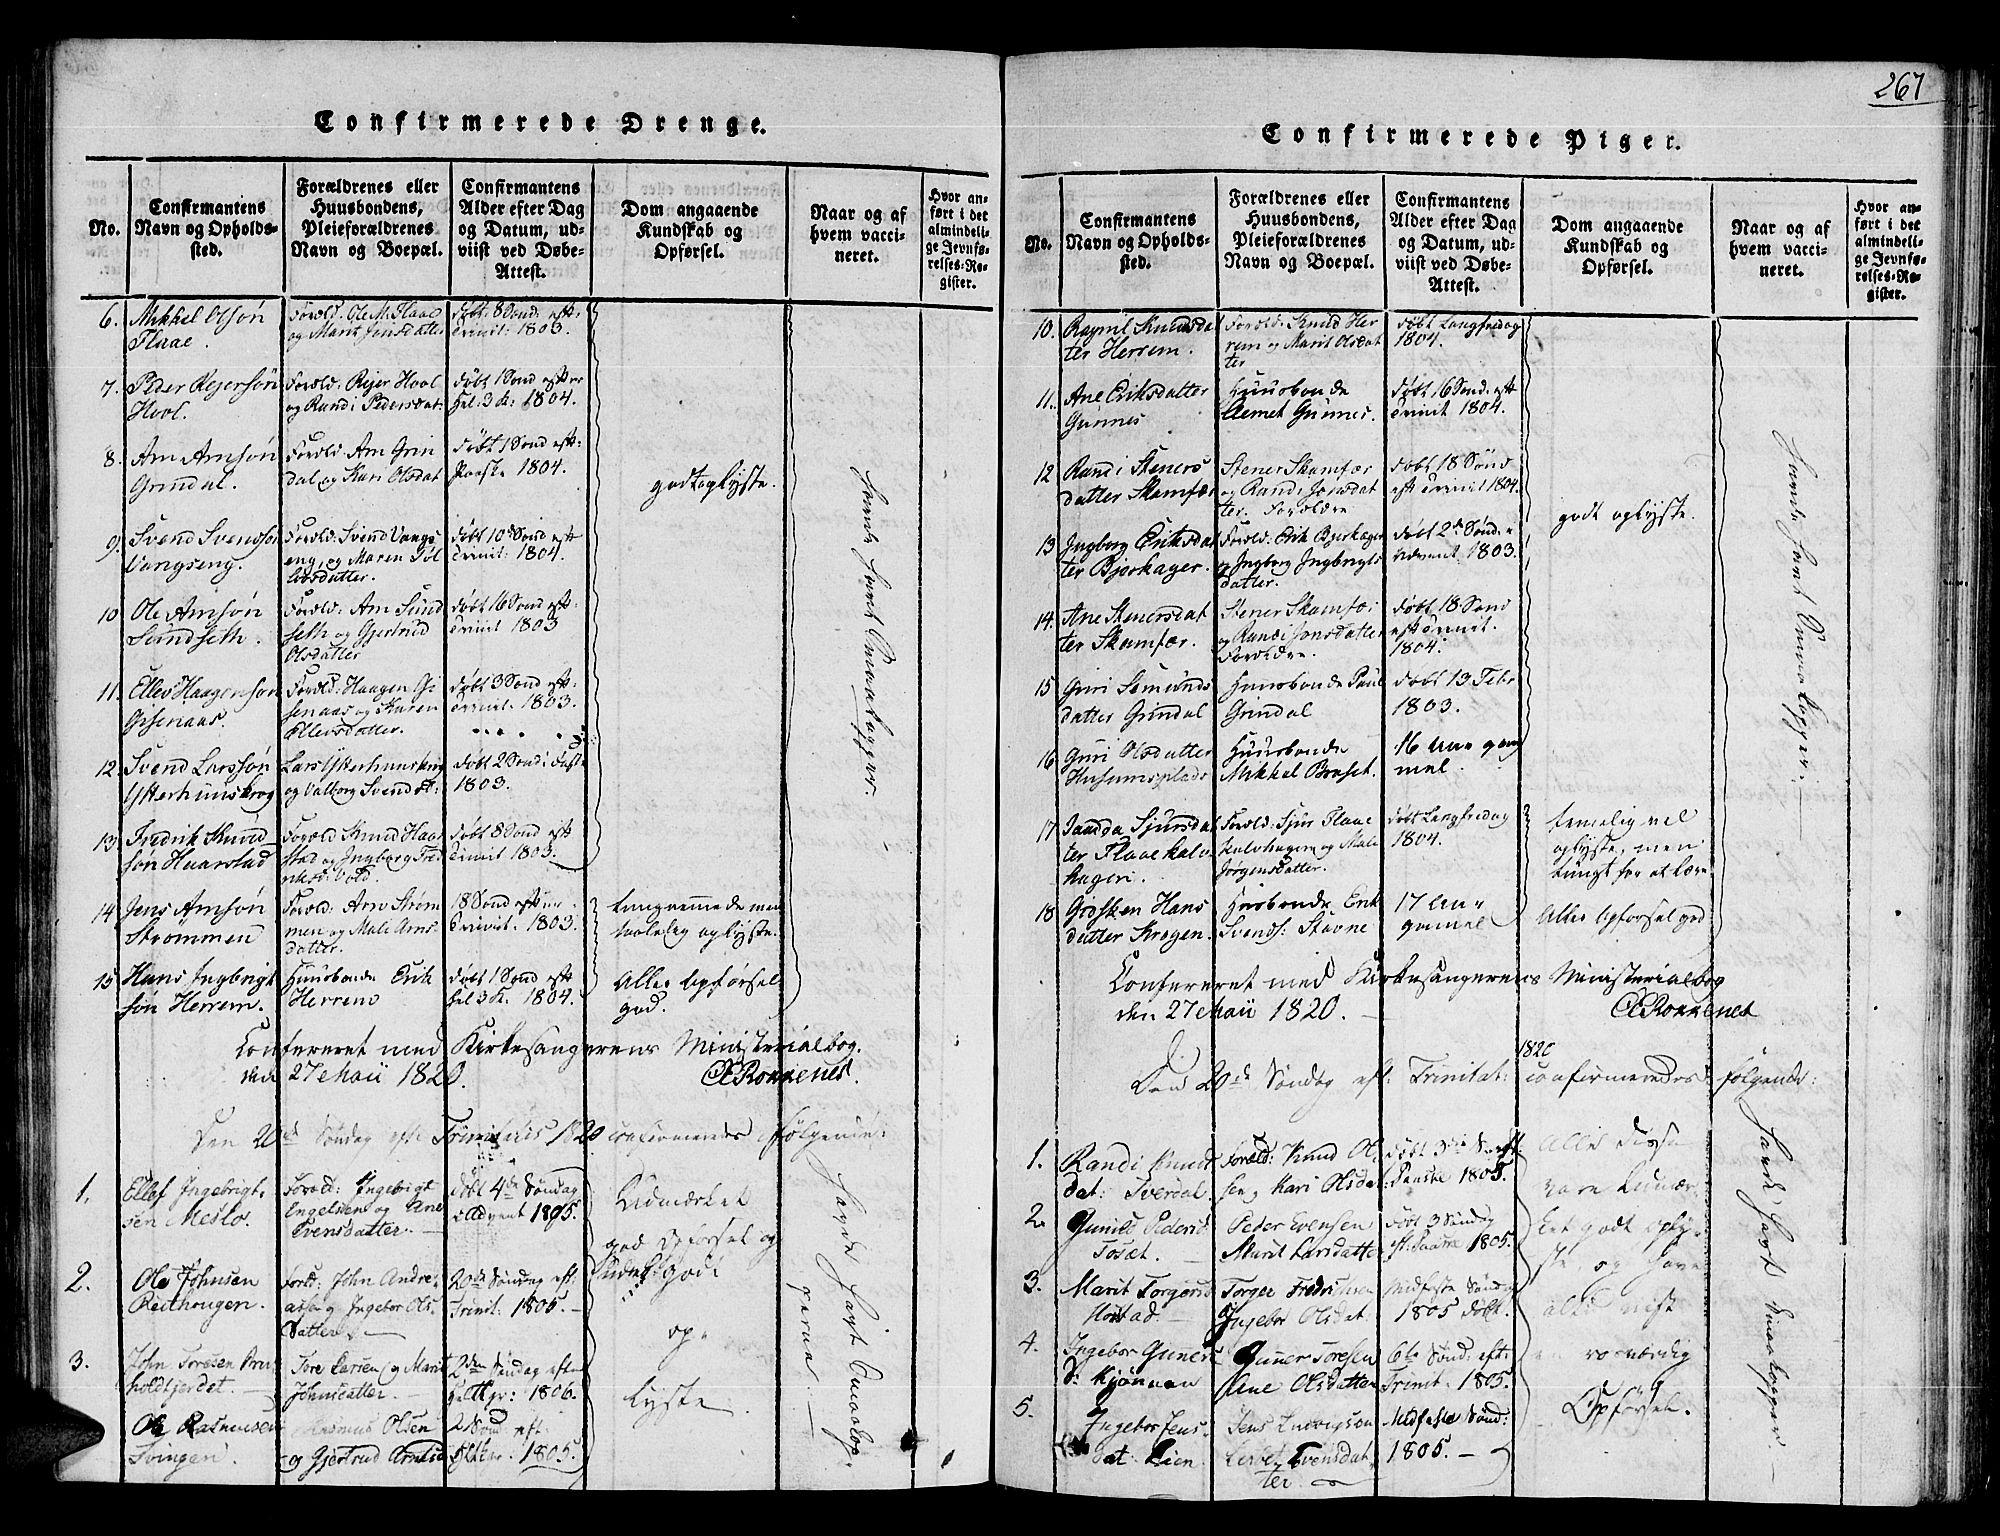 SAT, Ministerialprotokoller, klokkerbøker og fødselsregistre - Sør-Trøndelag, 672/L0854: Ministerialbok nr. 672A06 /2, 1816-1829, s. 267